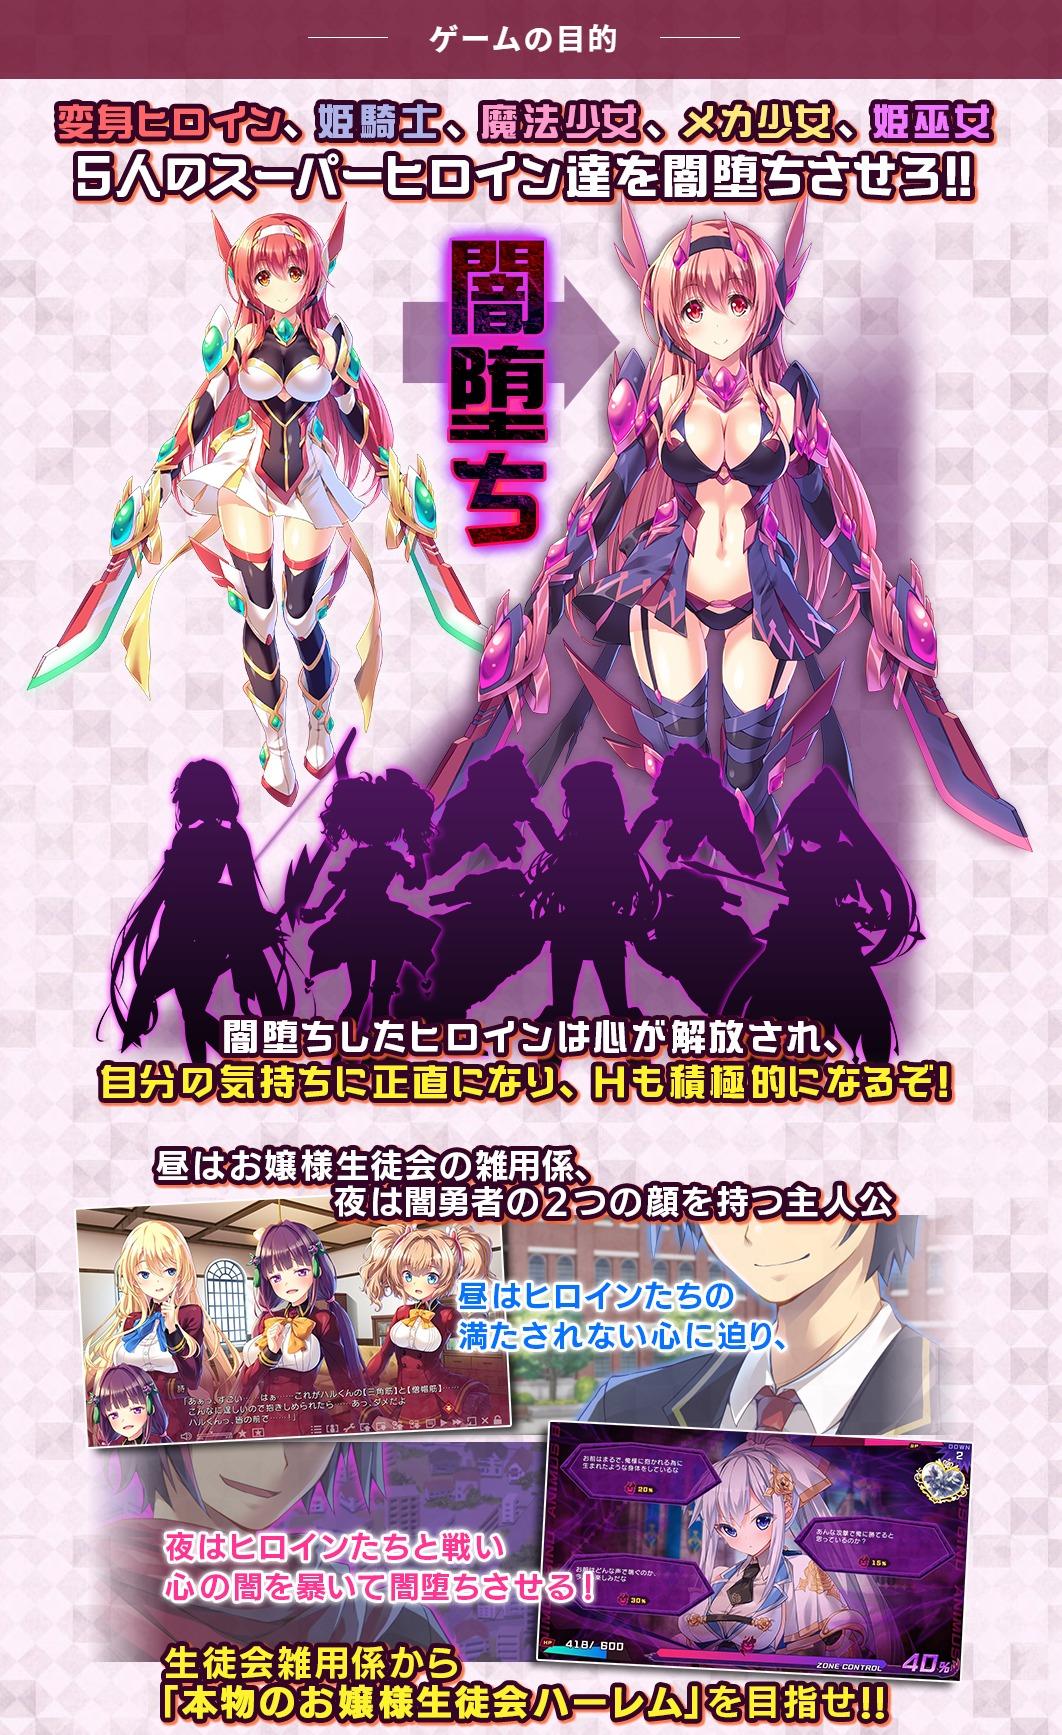 闇染Liberator-闇堕ち勇者と堕ちる戦姫-